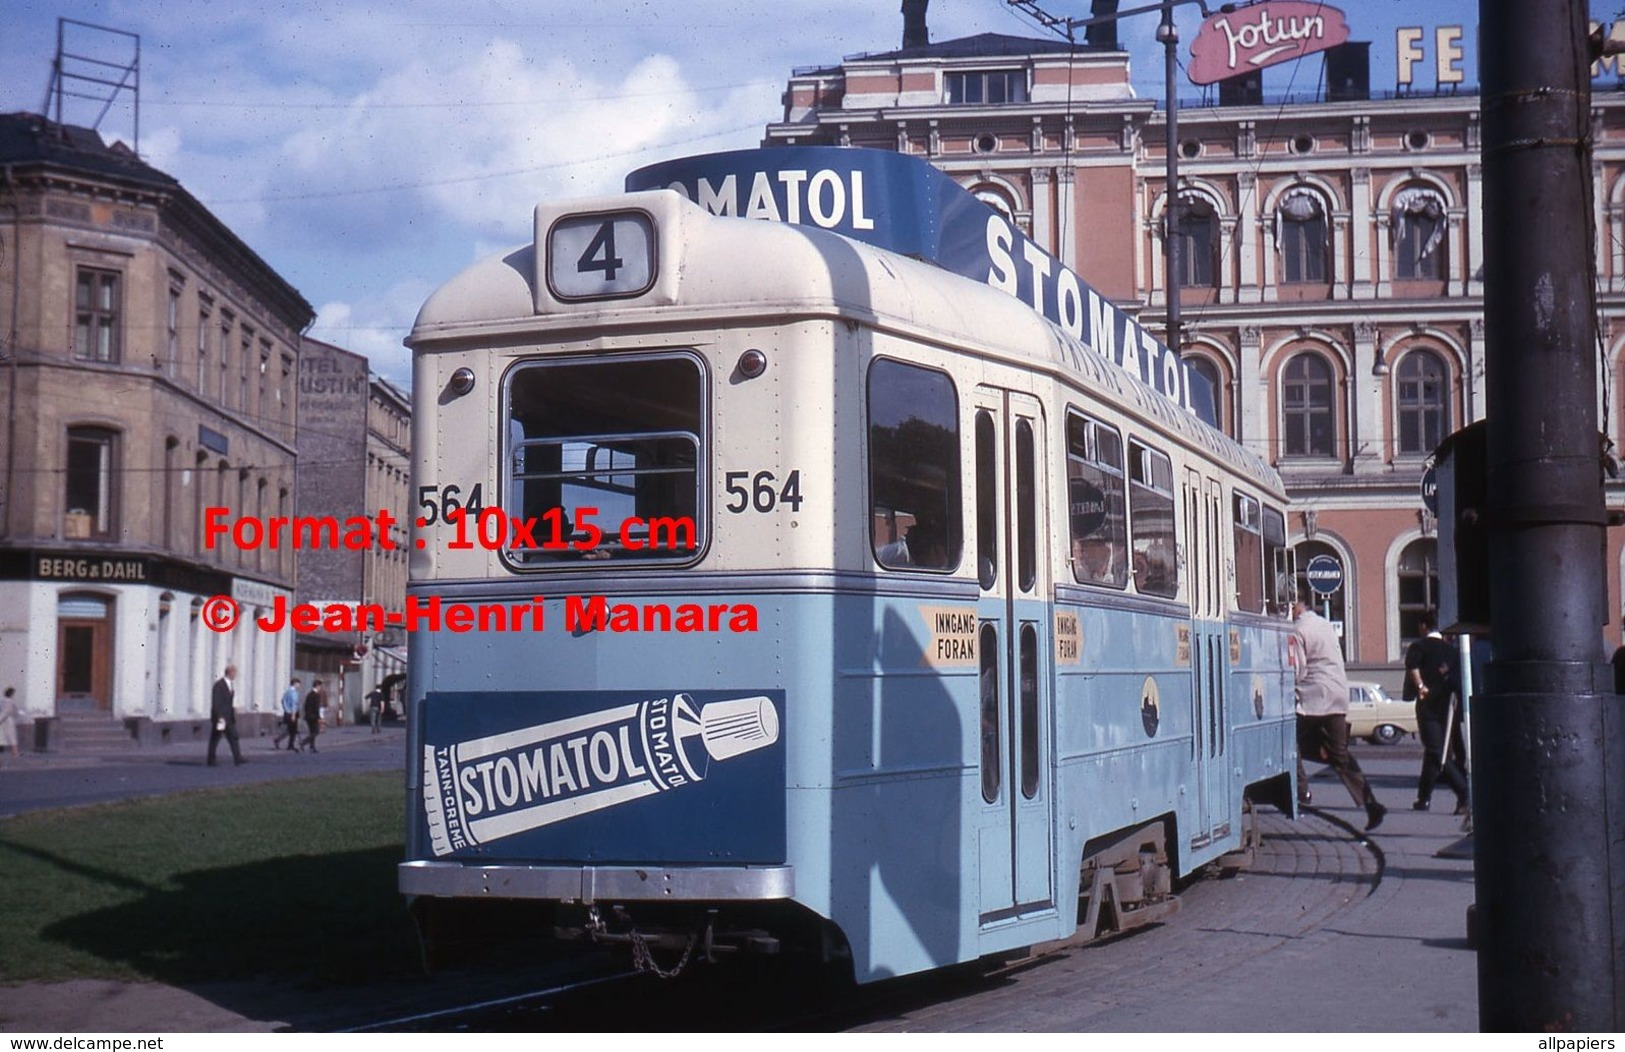 Reproduction D'unePhotographie D'un Tramway Ligne 4 Avec Publicité Stomatol à Oslo En 1964 - Repro's